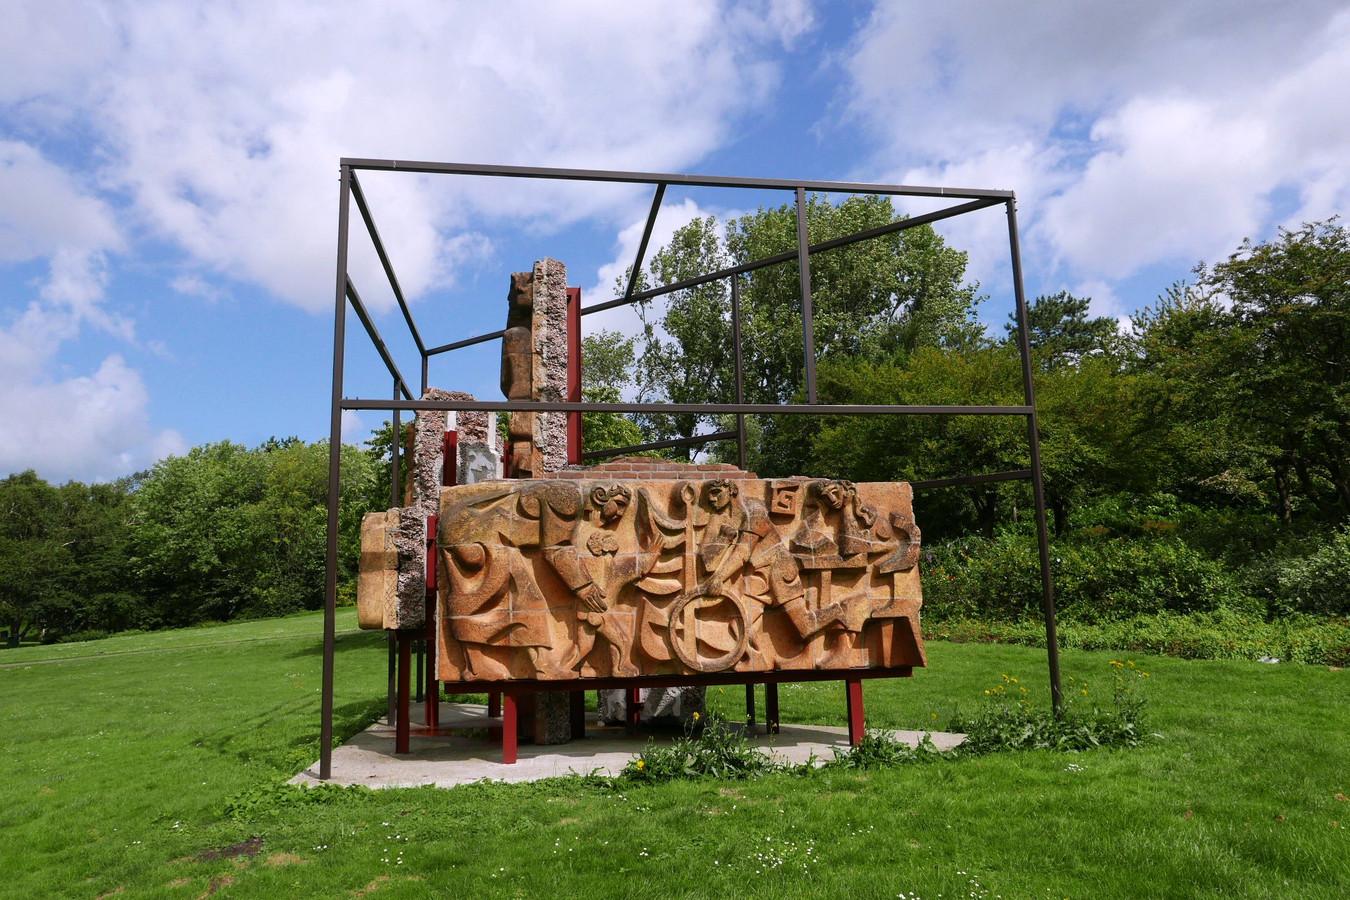 Nieuw kunstwerk van Toby Paterson in het Zuiderpark in Den Haag.